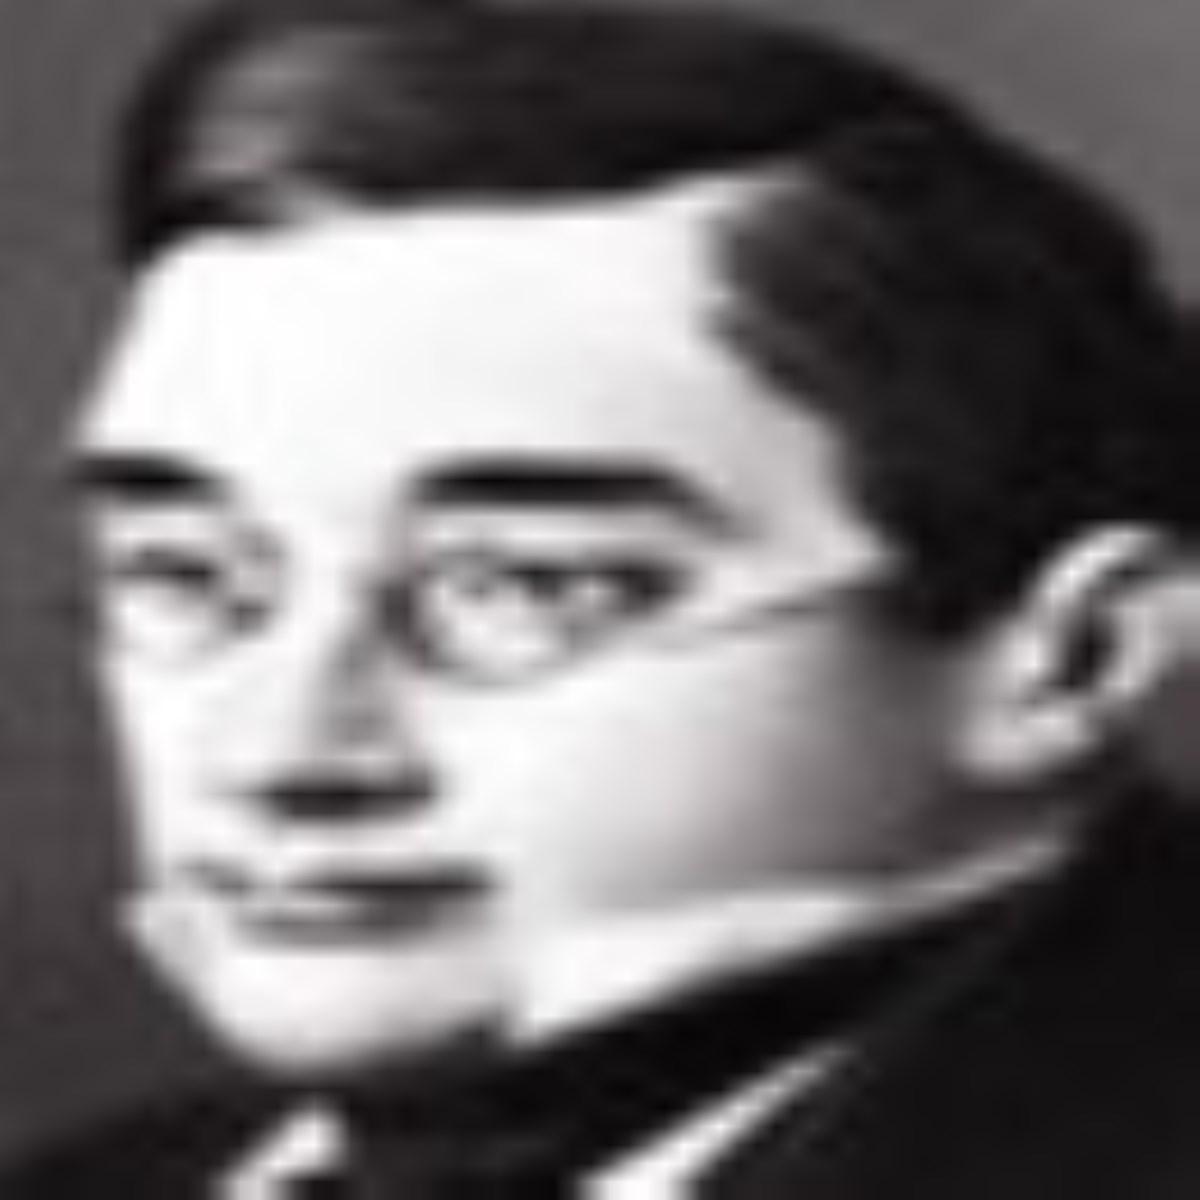 قتل وزیر مختار گريبايدف در تهران